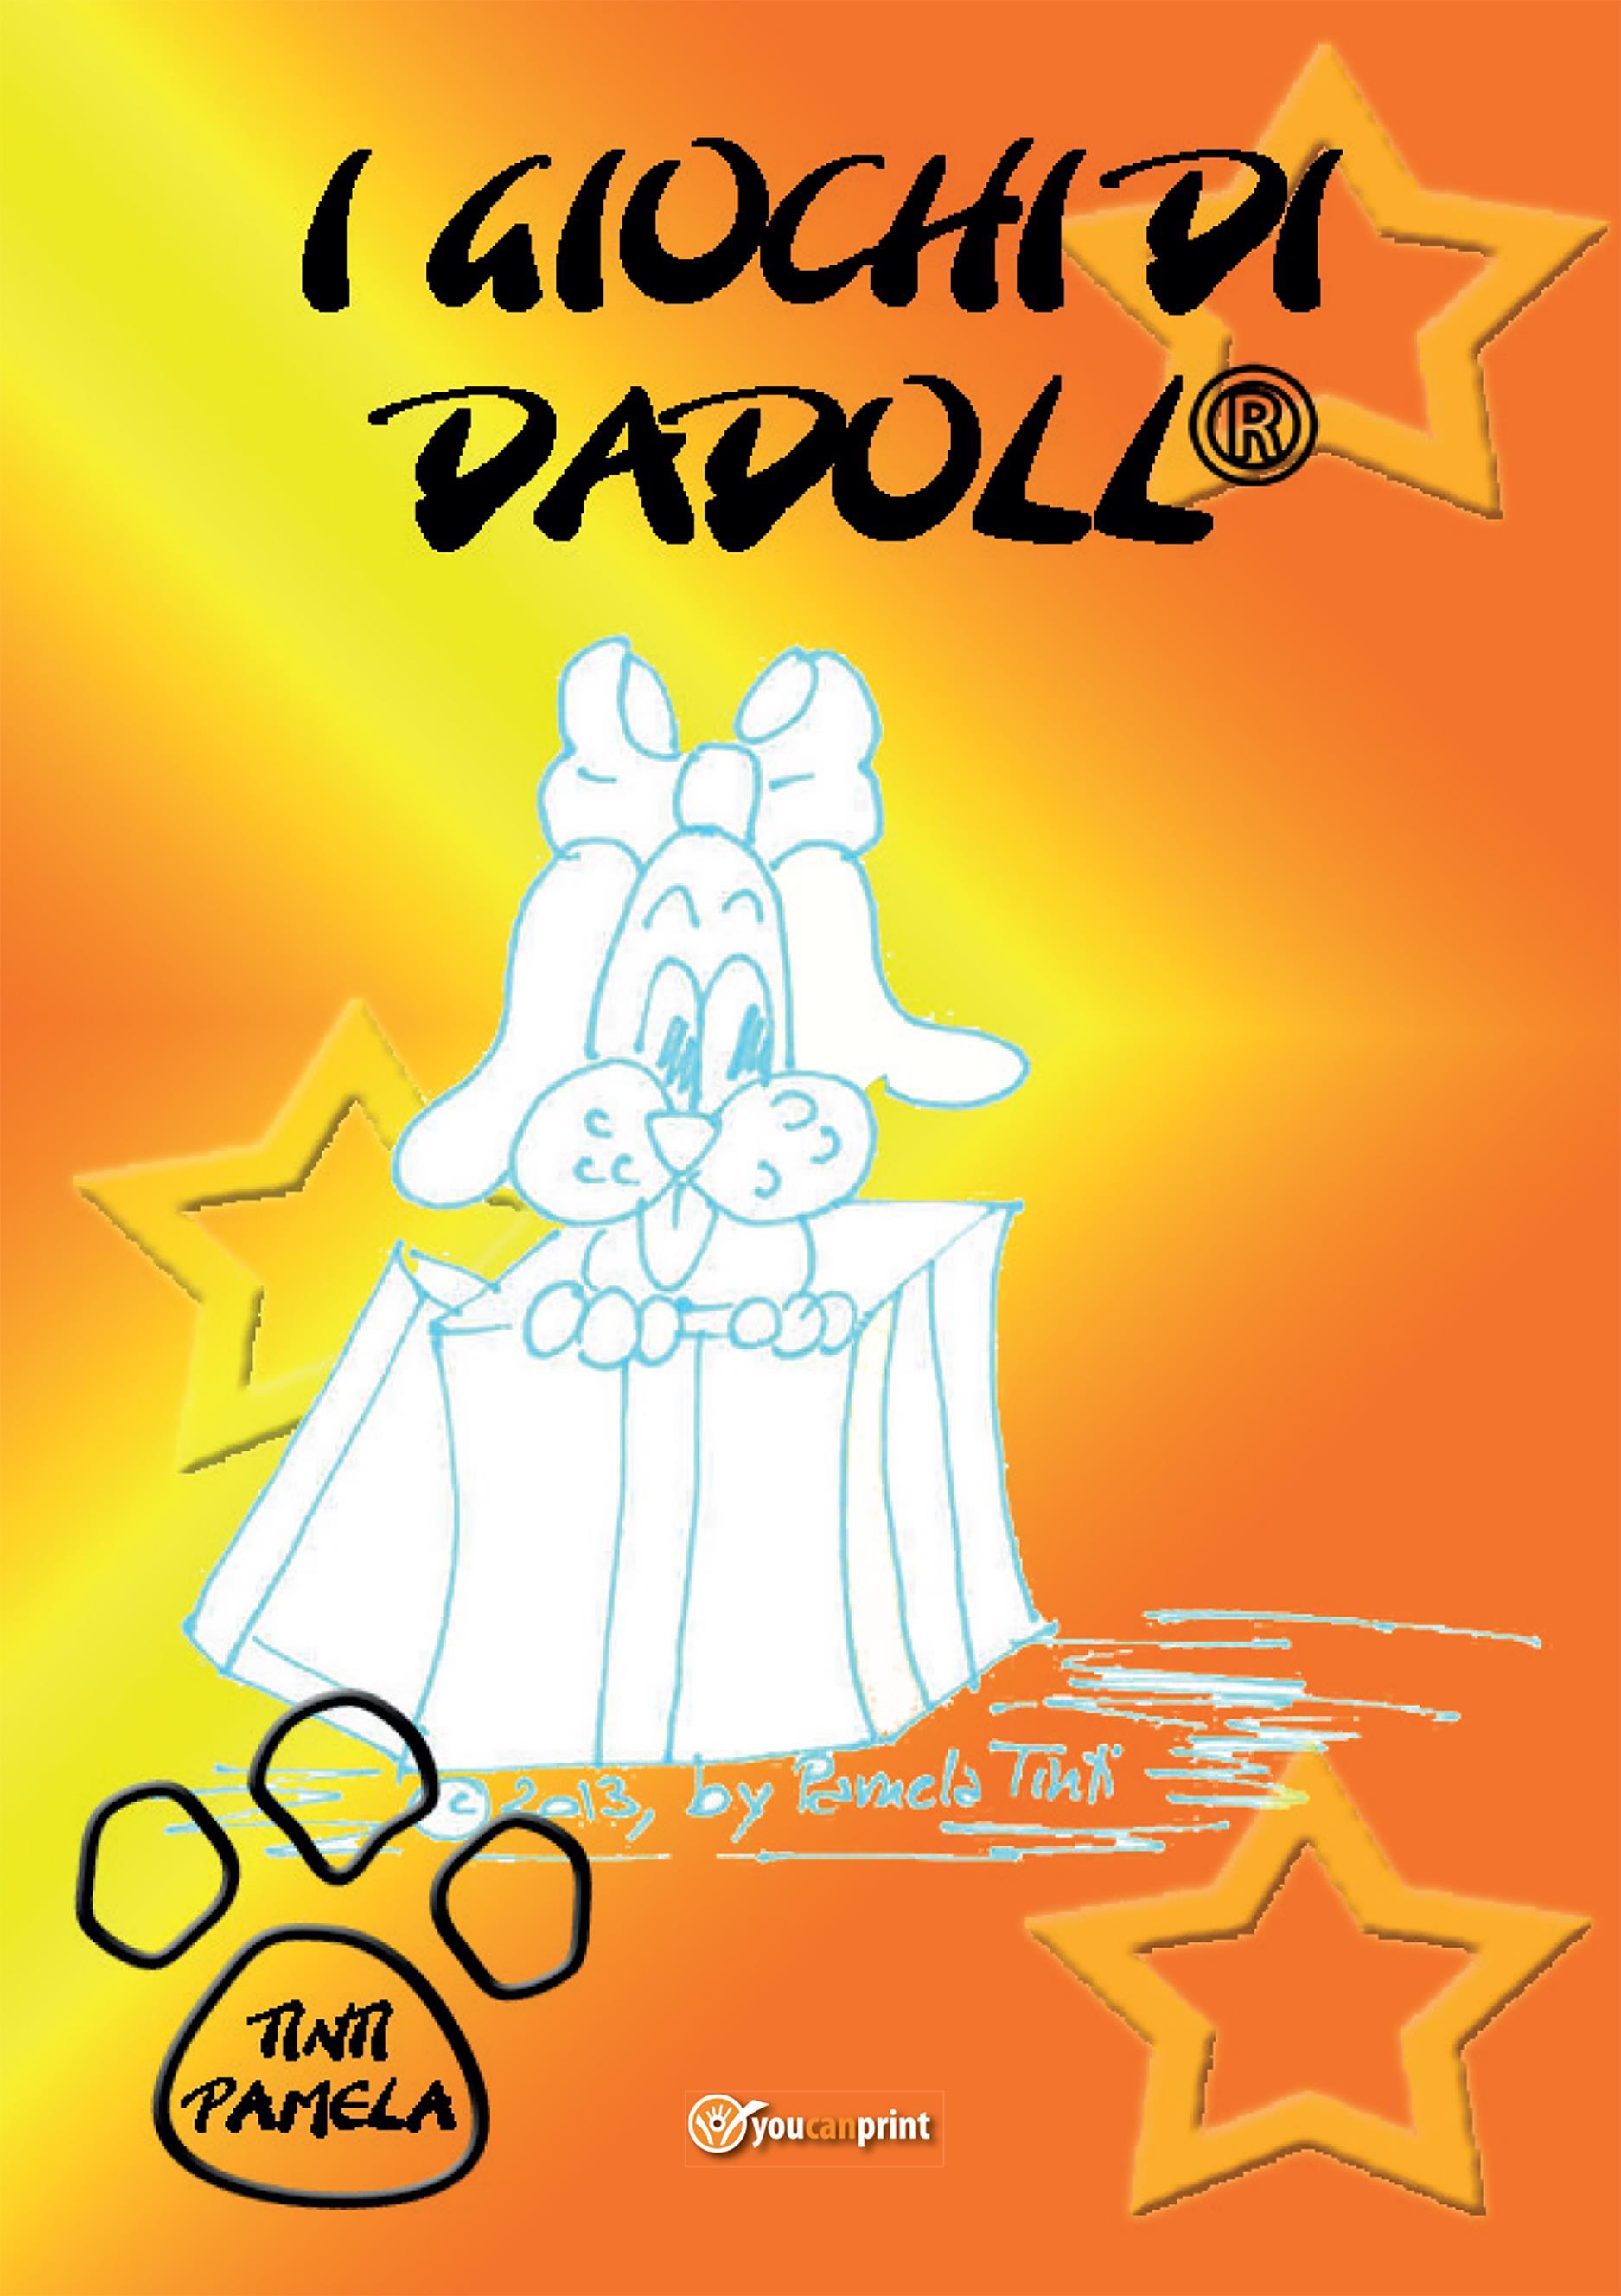 I giochi di Dadoll®